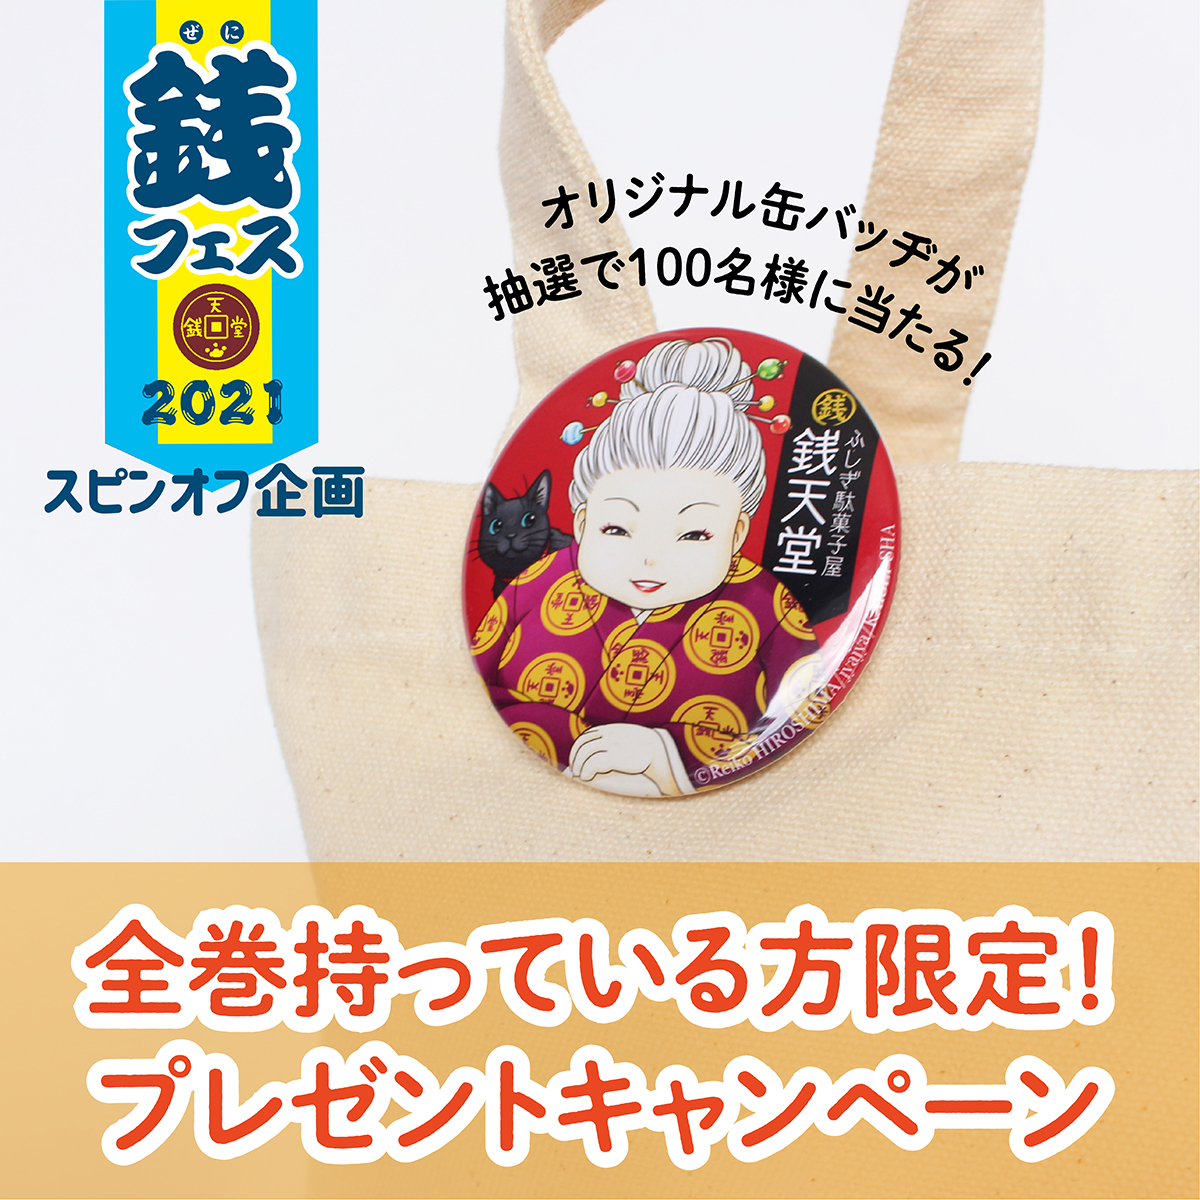 【銭フェス スピンオフ企画】全巻持っている方限定!プレゼントキャンペーン